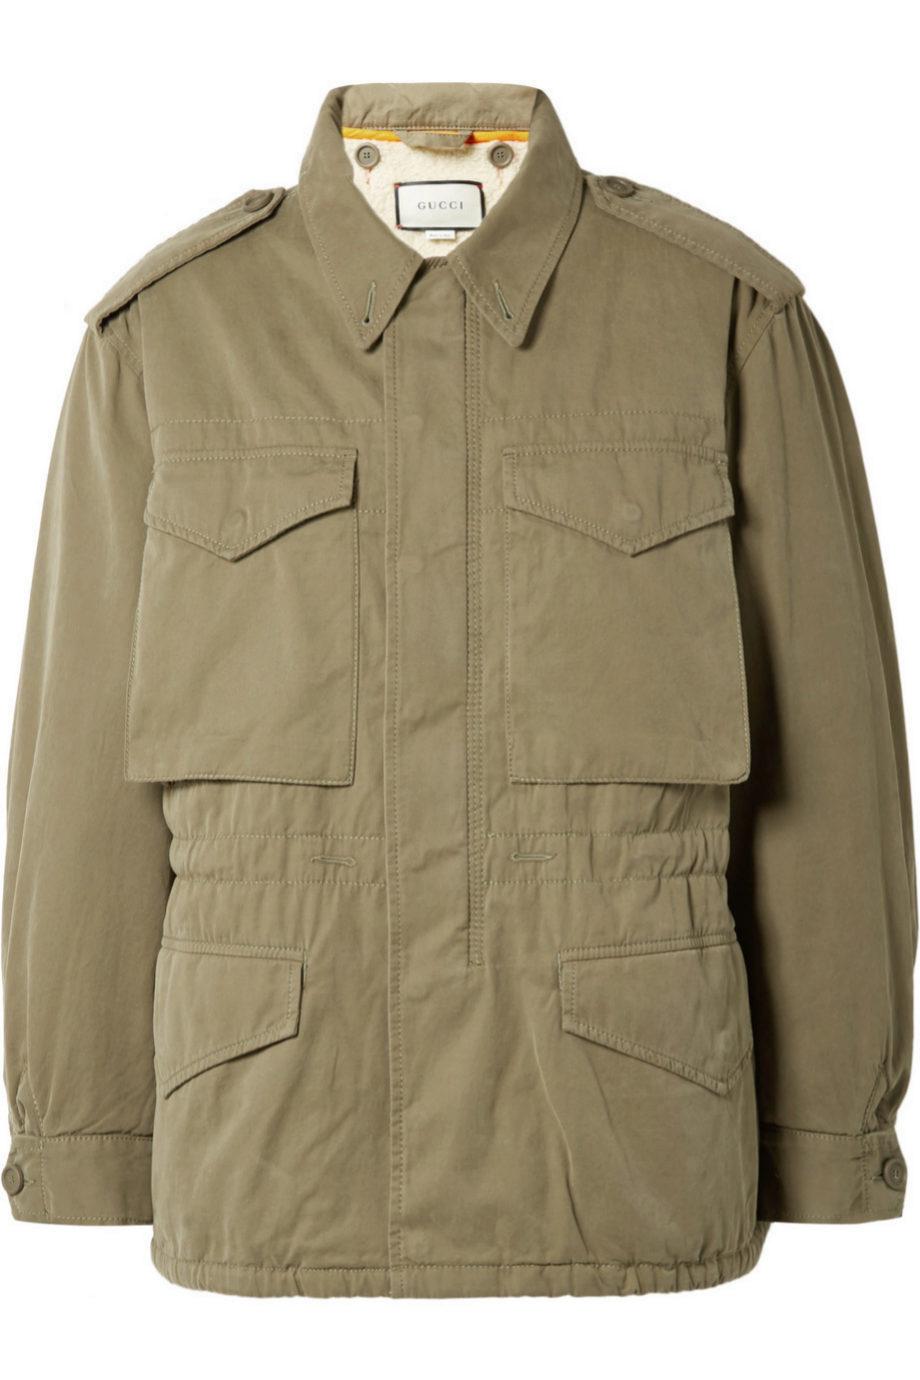 Chaqueta militar de Gucci